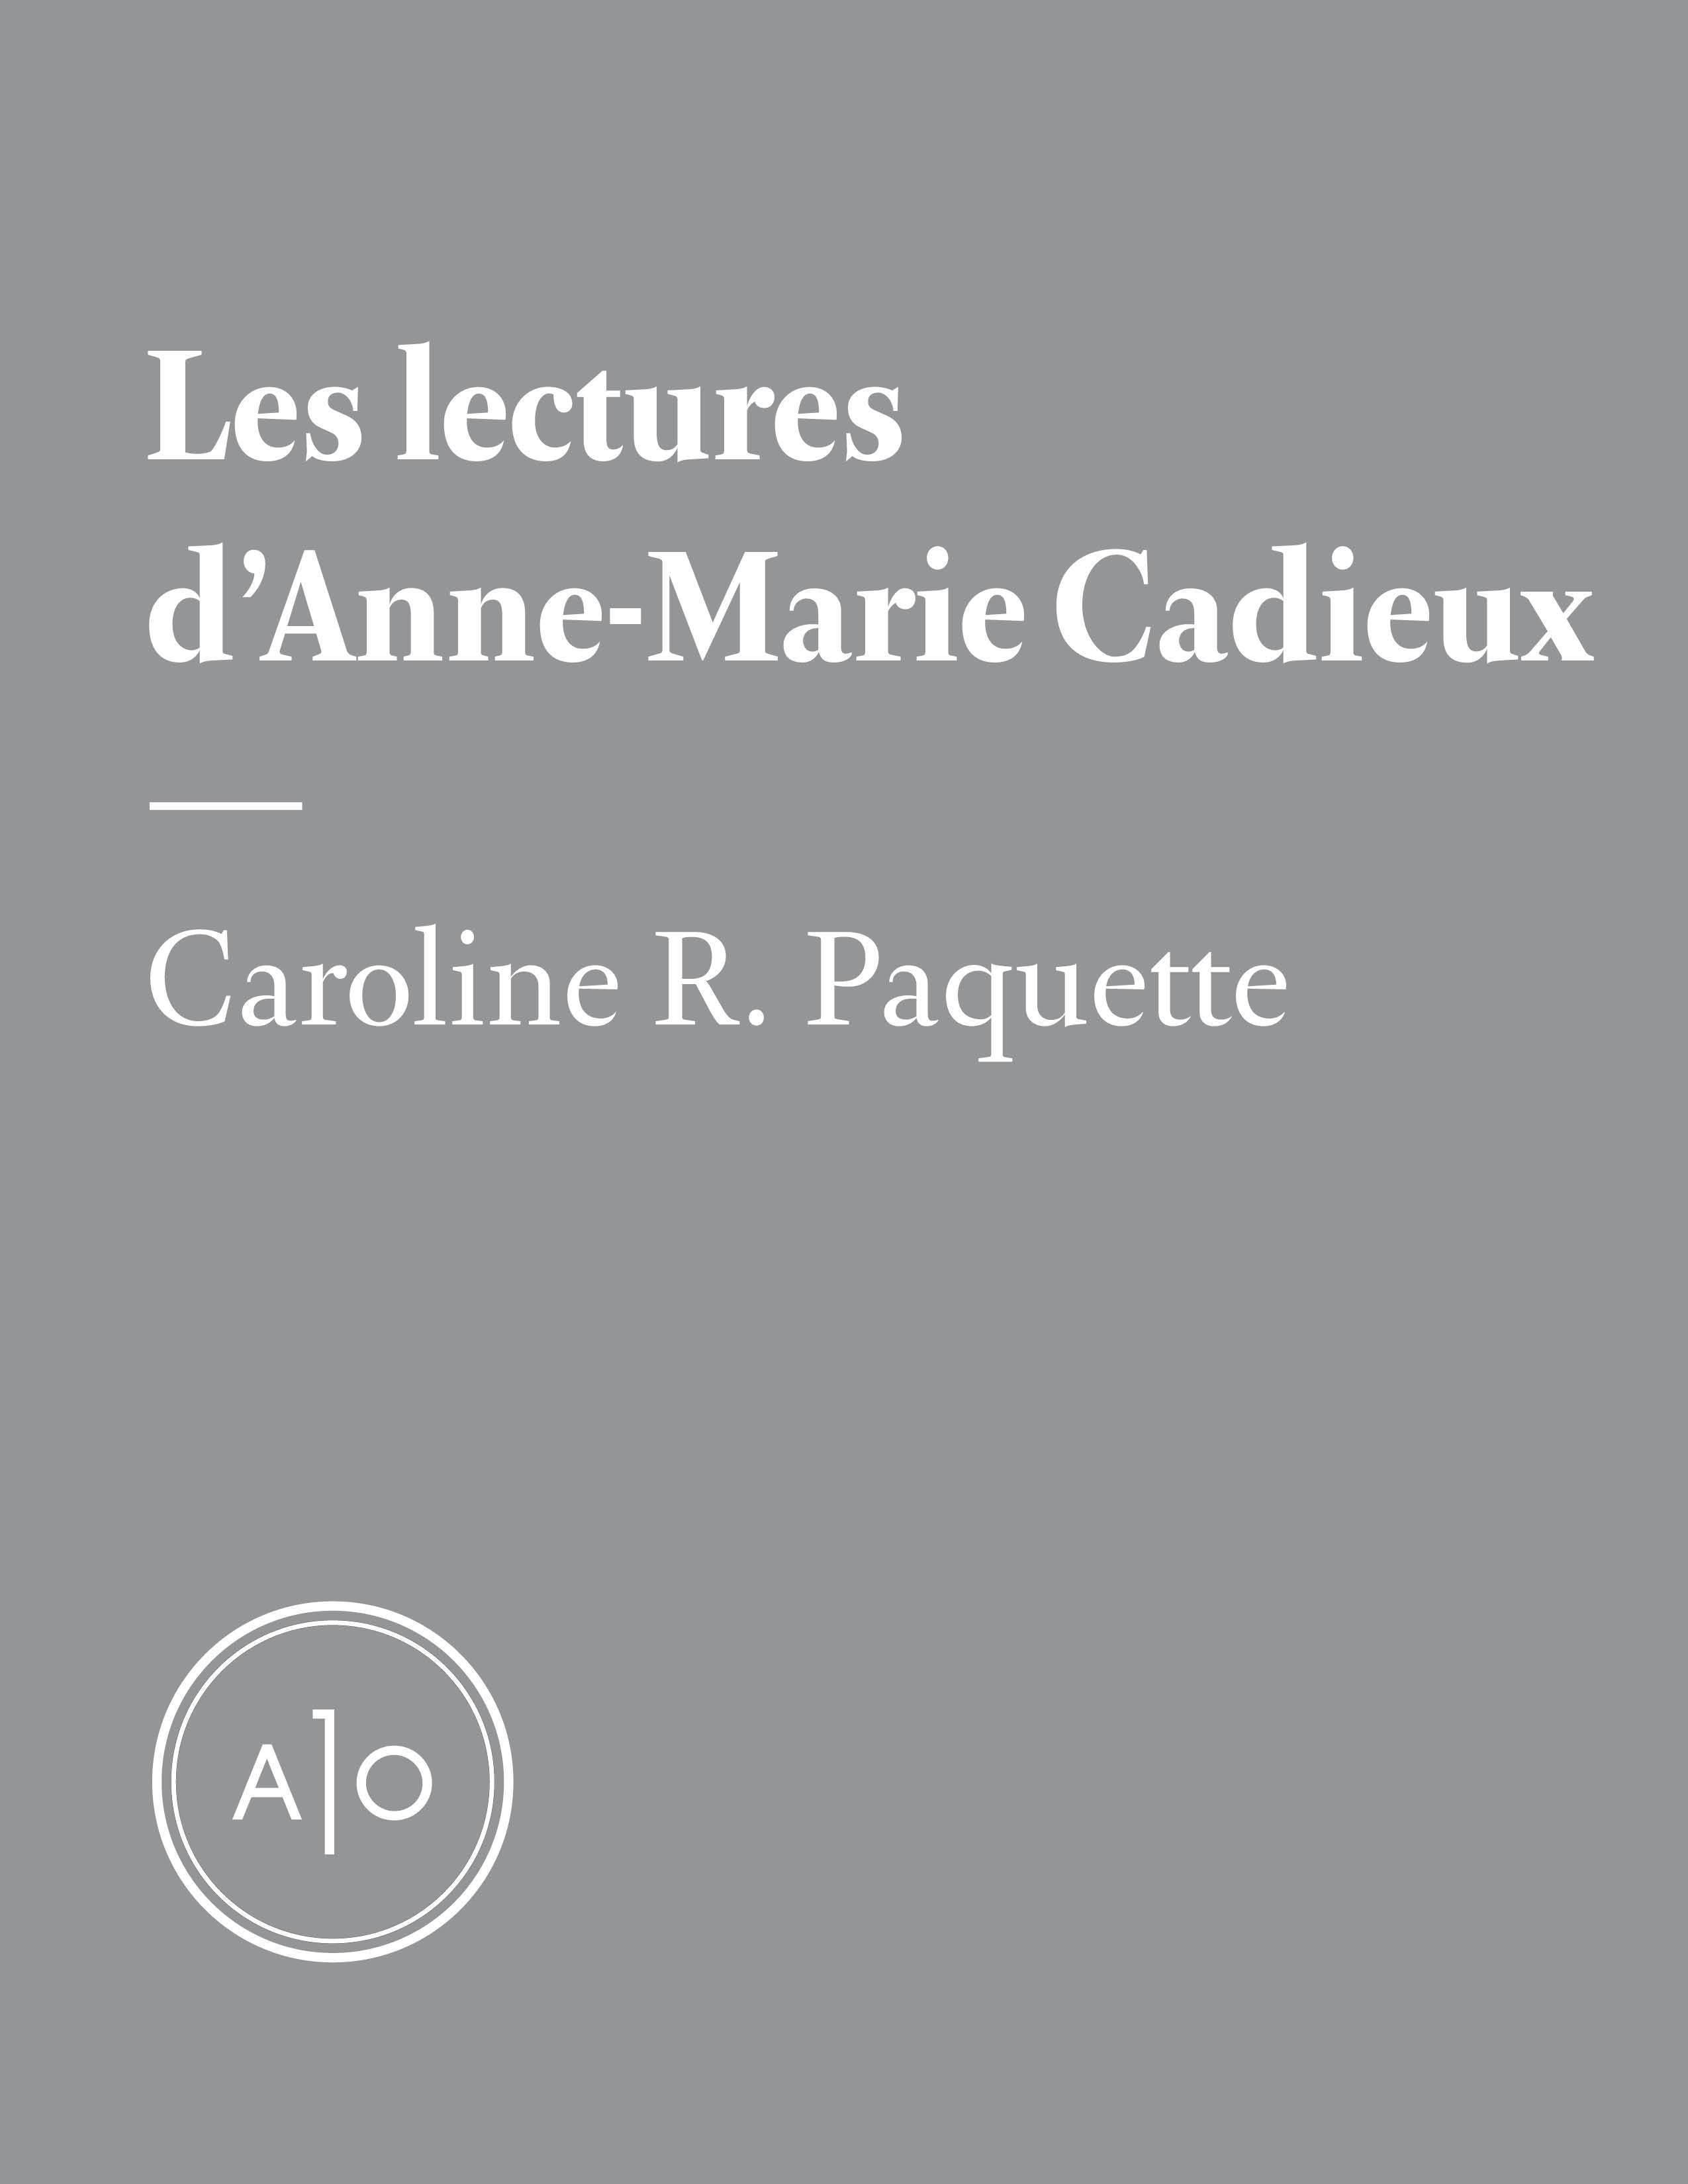 Les lectures d'Anne-Marie Cadieux